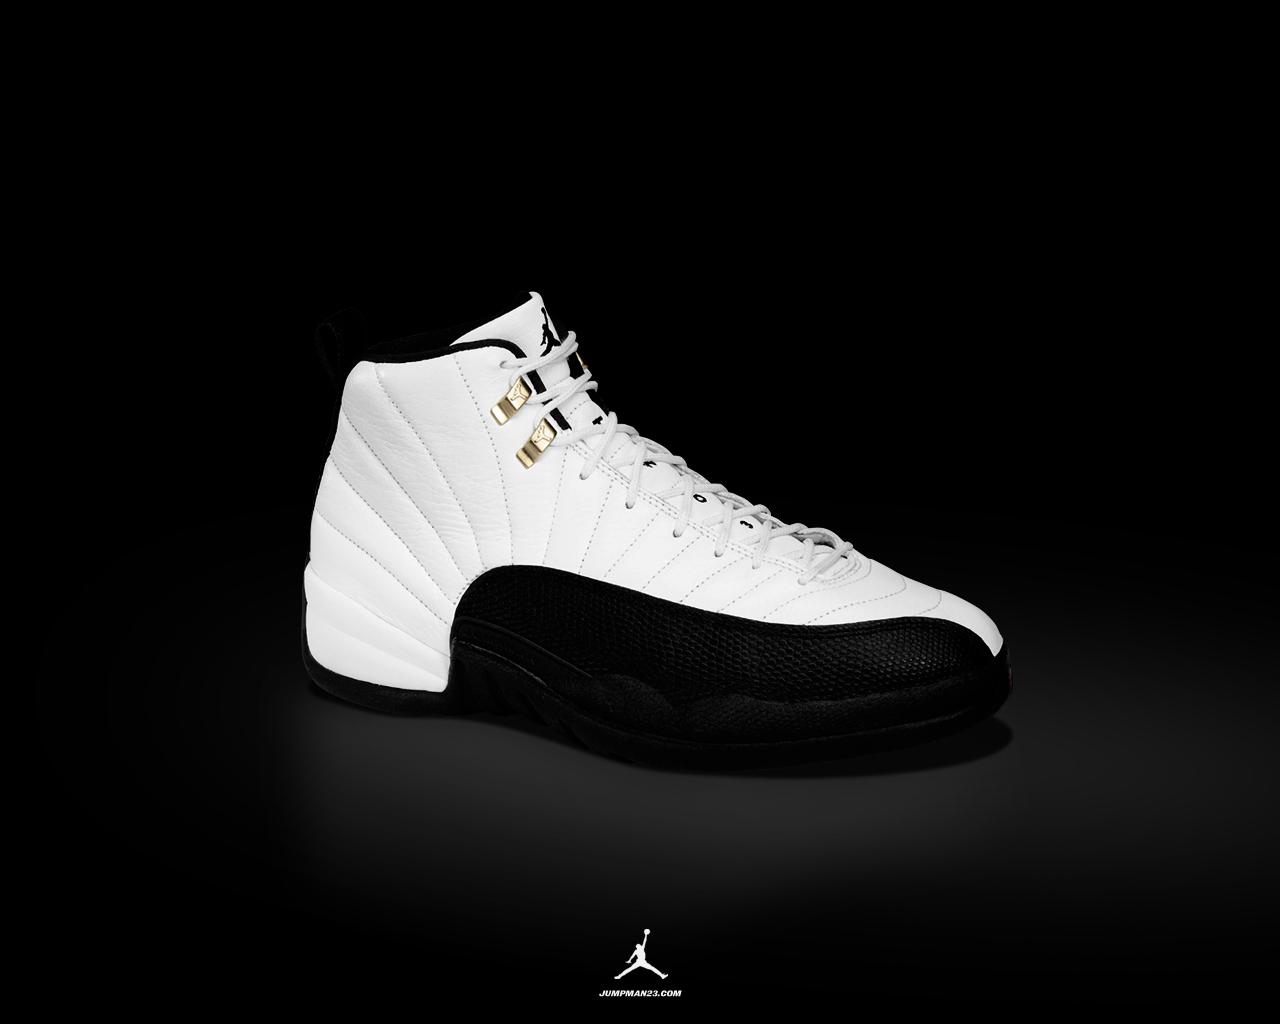 49+ Jordan Wallpaper Shoes on WallpaperSafari